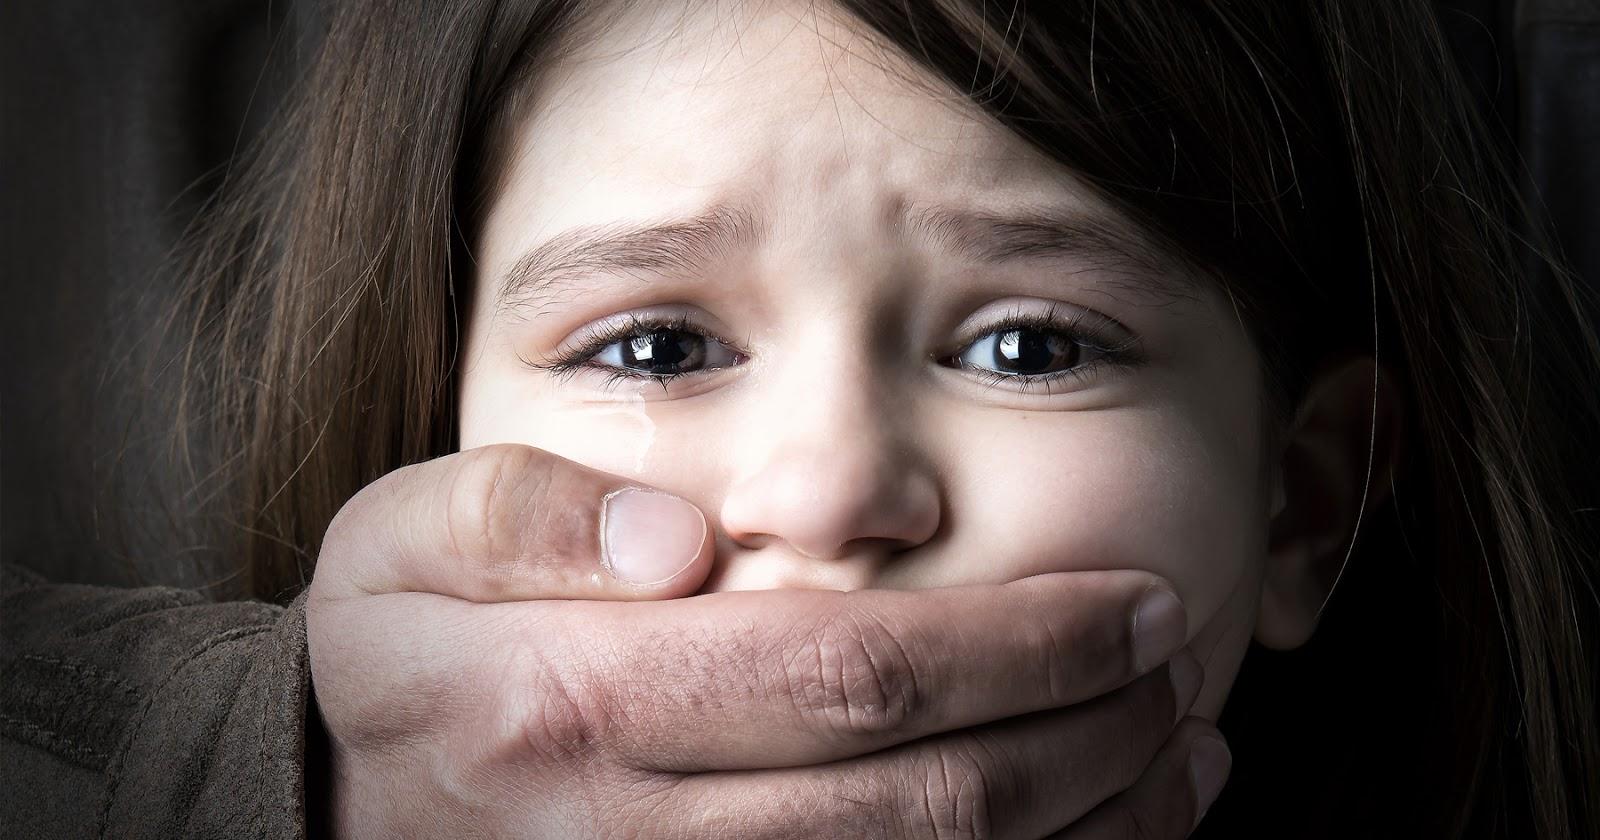 Pedofilia - USP - Moro - Luz da Infancia